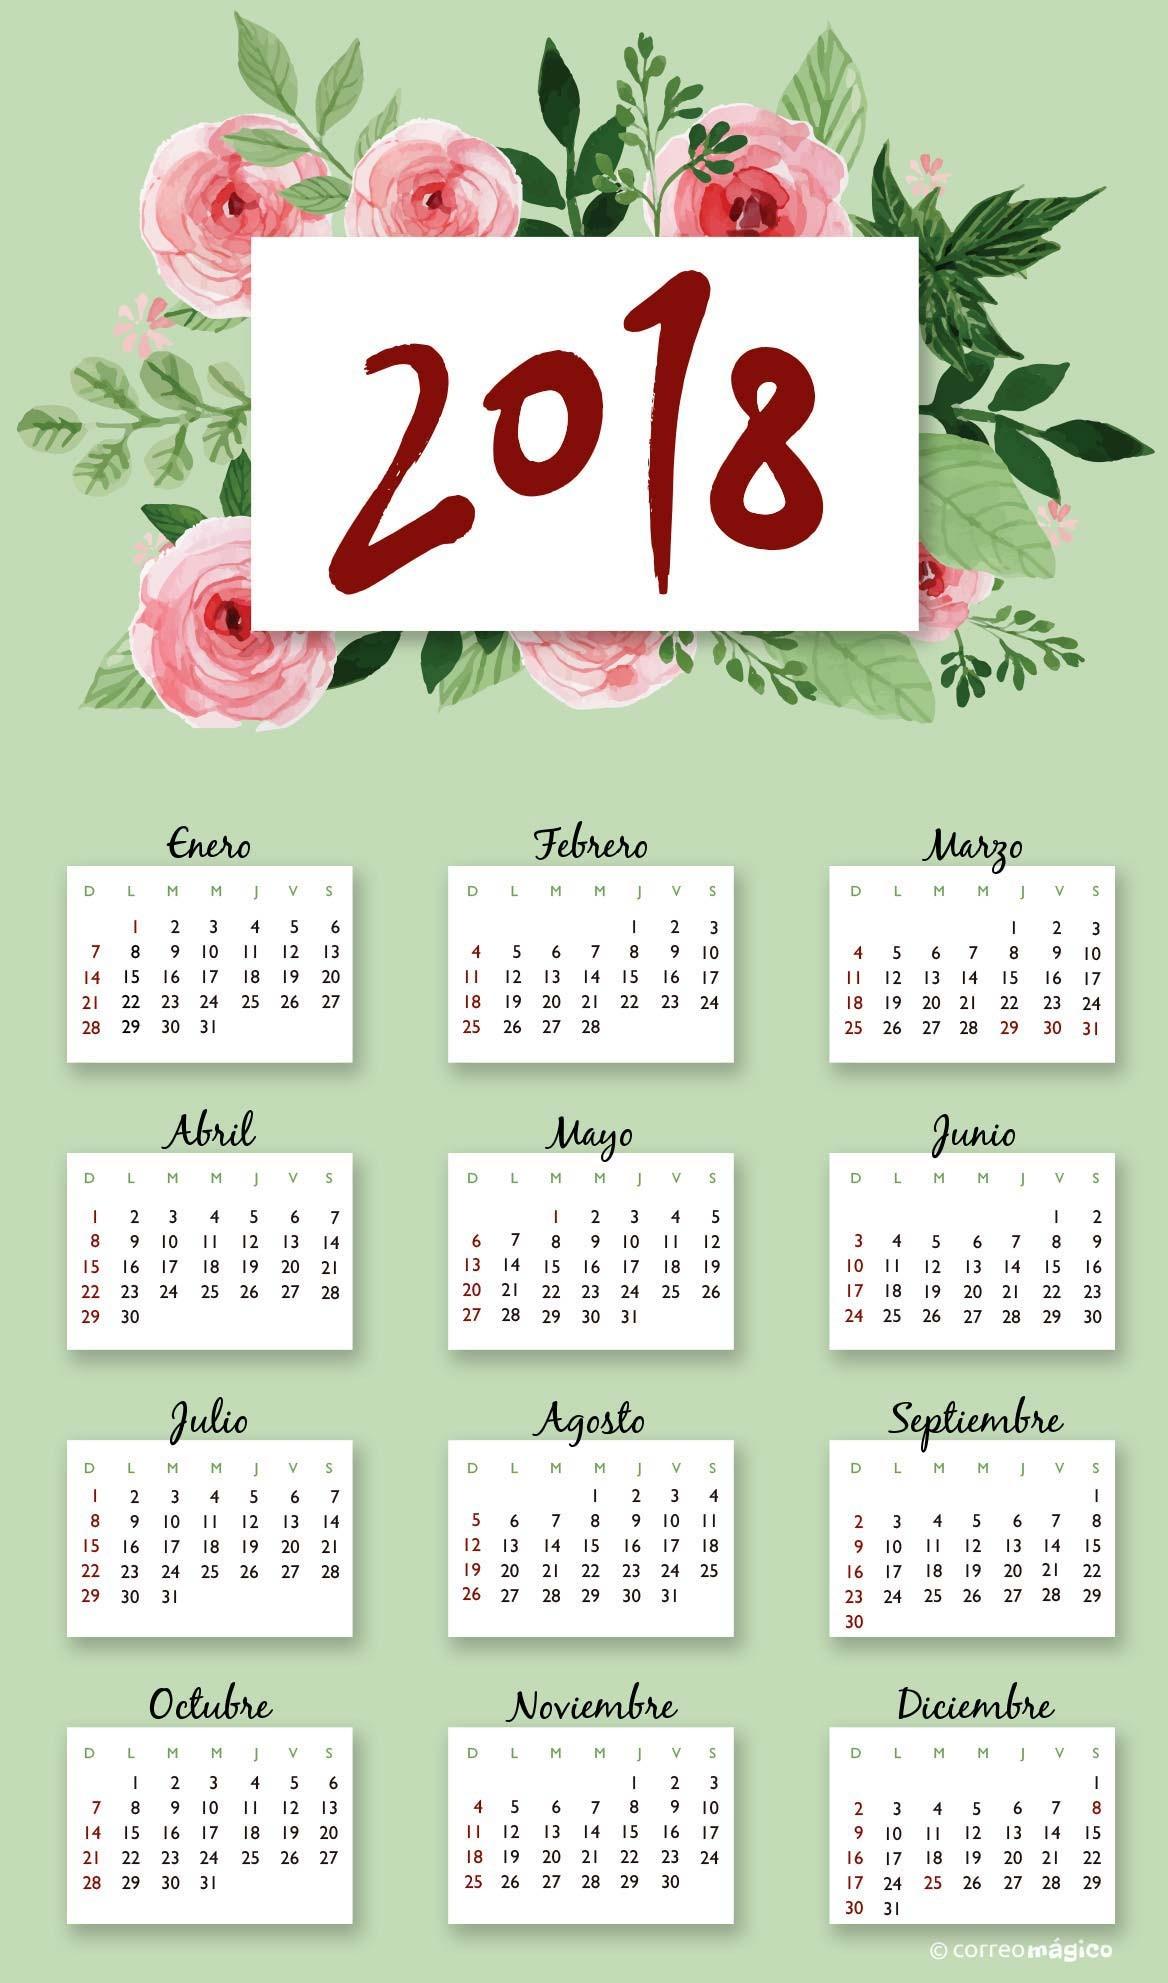 cal floresacuarela 2018 cal floresacuarela 2018